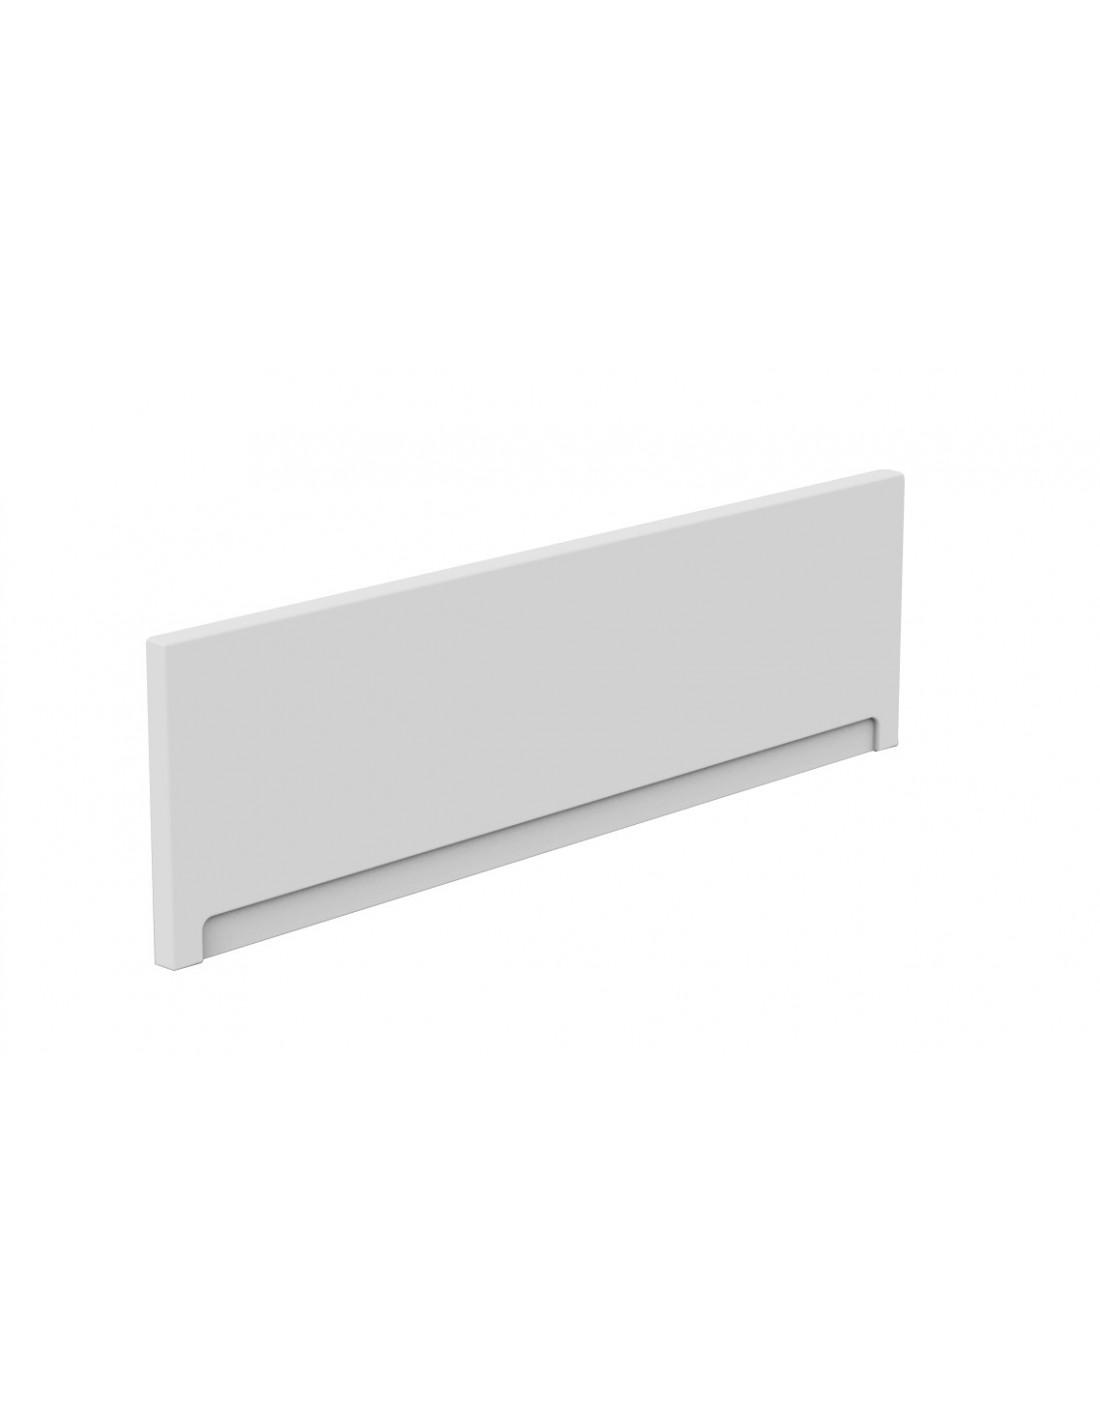 tablier frontal de baignoire droite 175 x 52 cm valentin